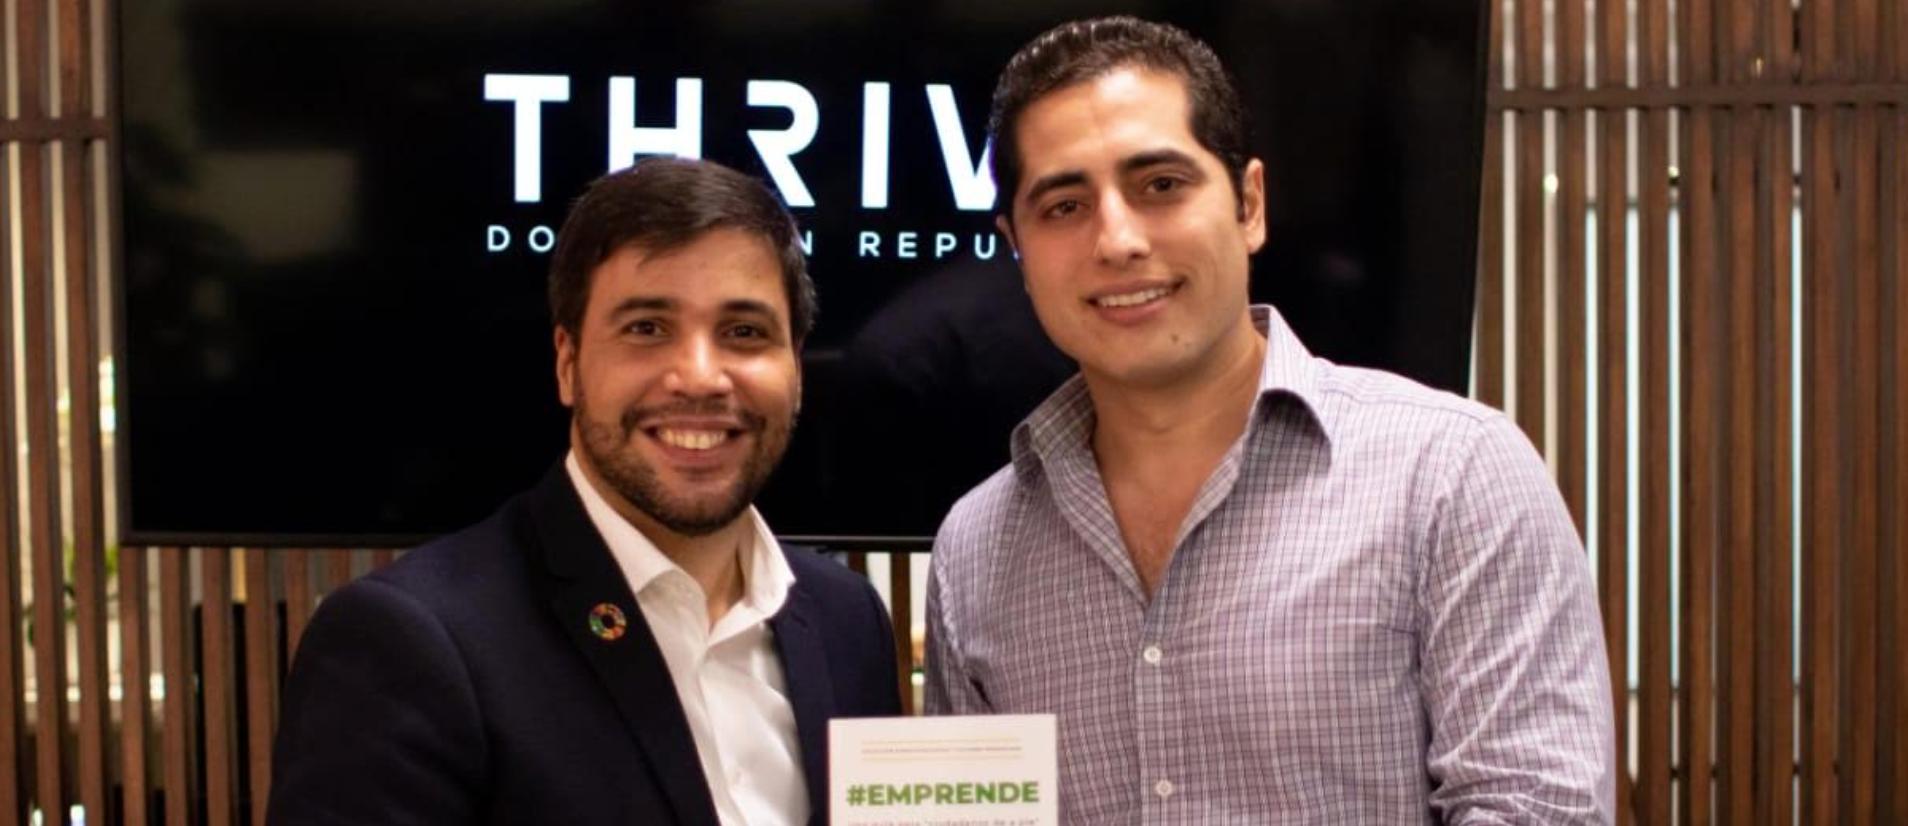 Encuentros Talks @ THRIVE comparten conocimientos para emprendedores y empresarios de hoy